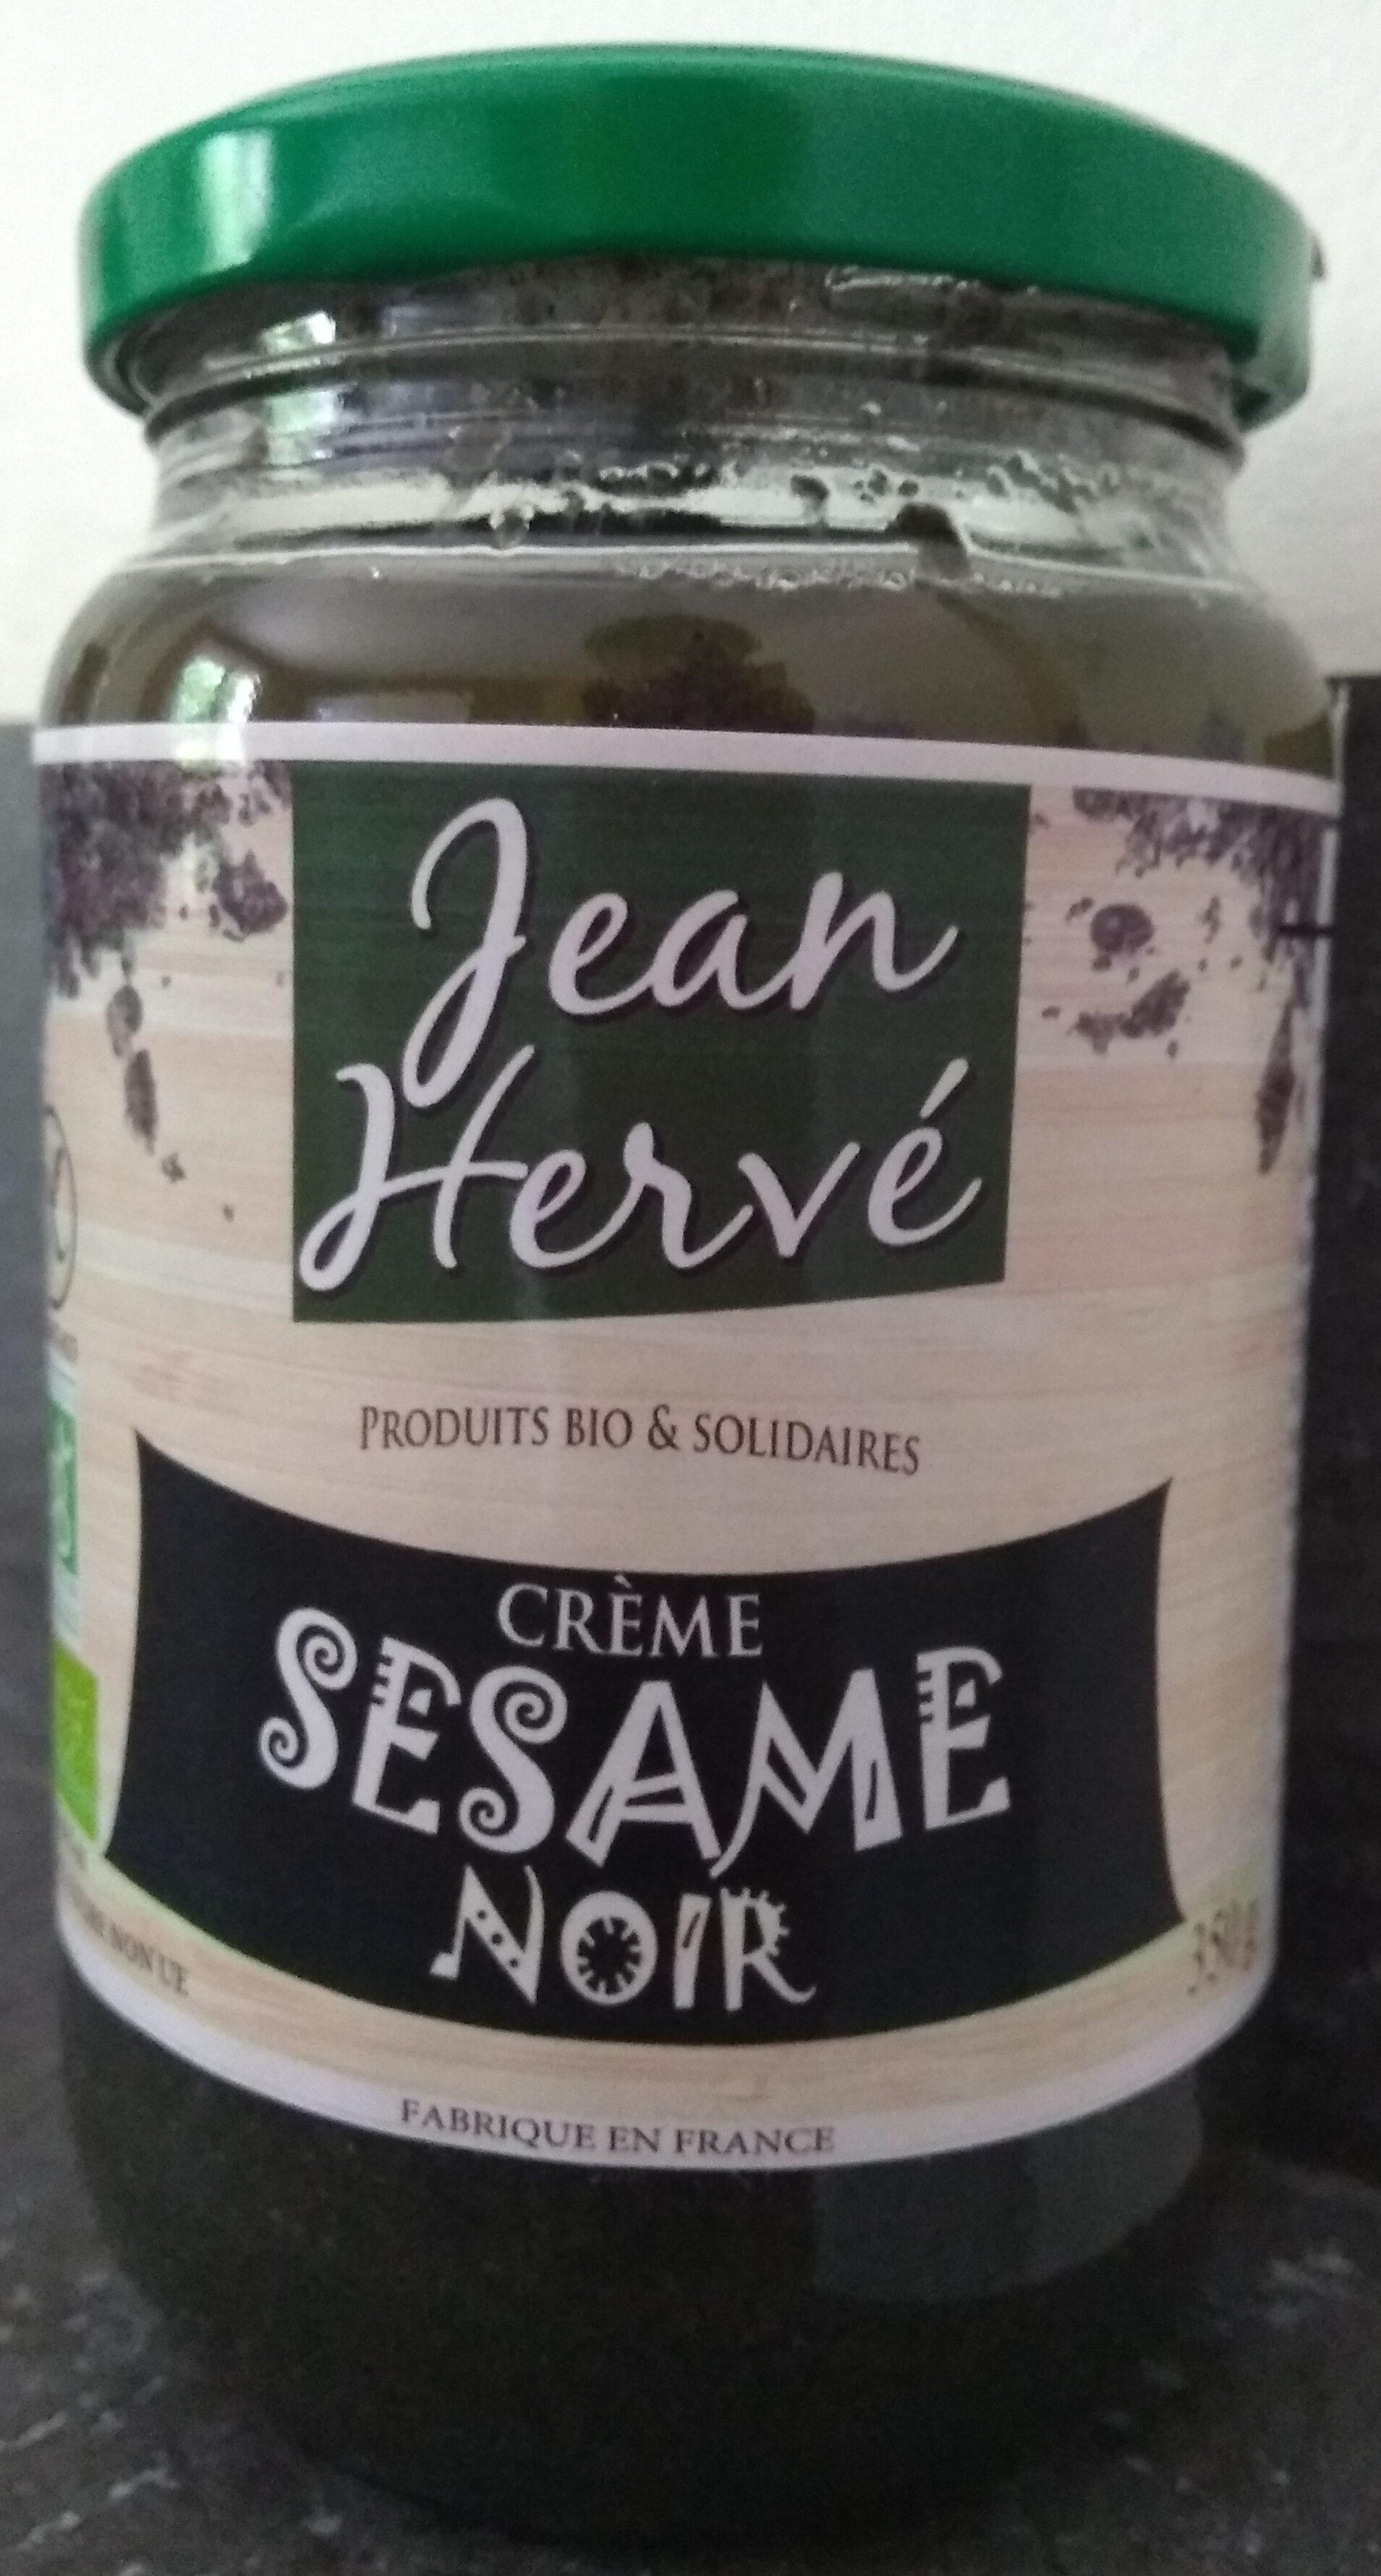 Crème sésame noir - Produit - fr